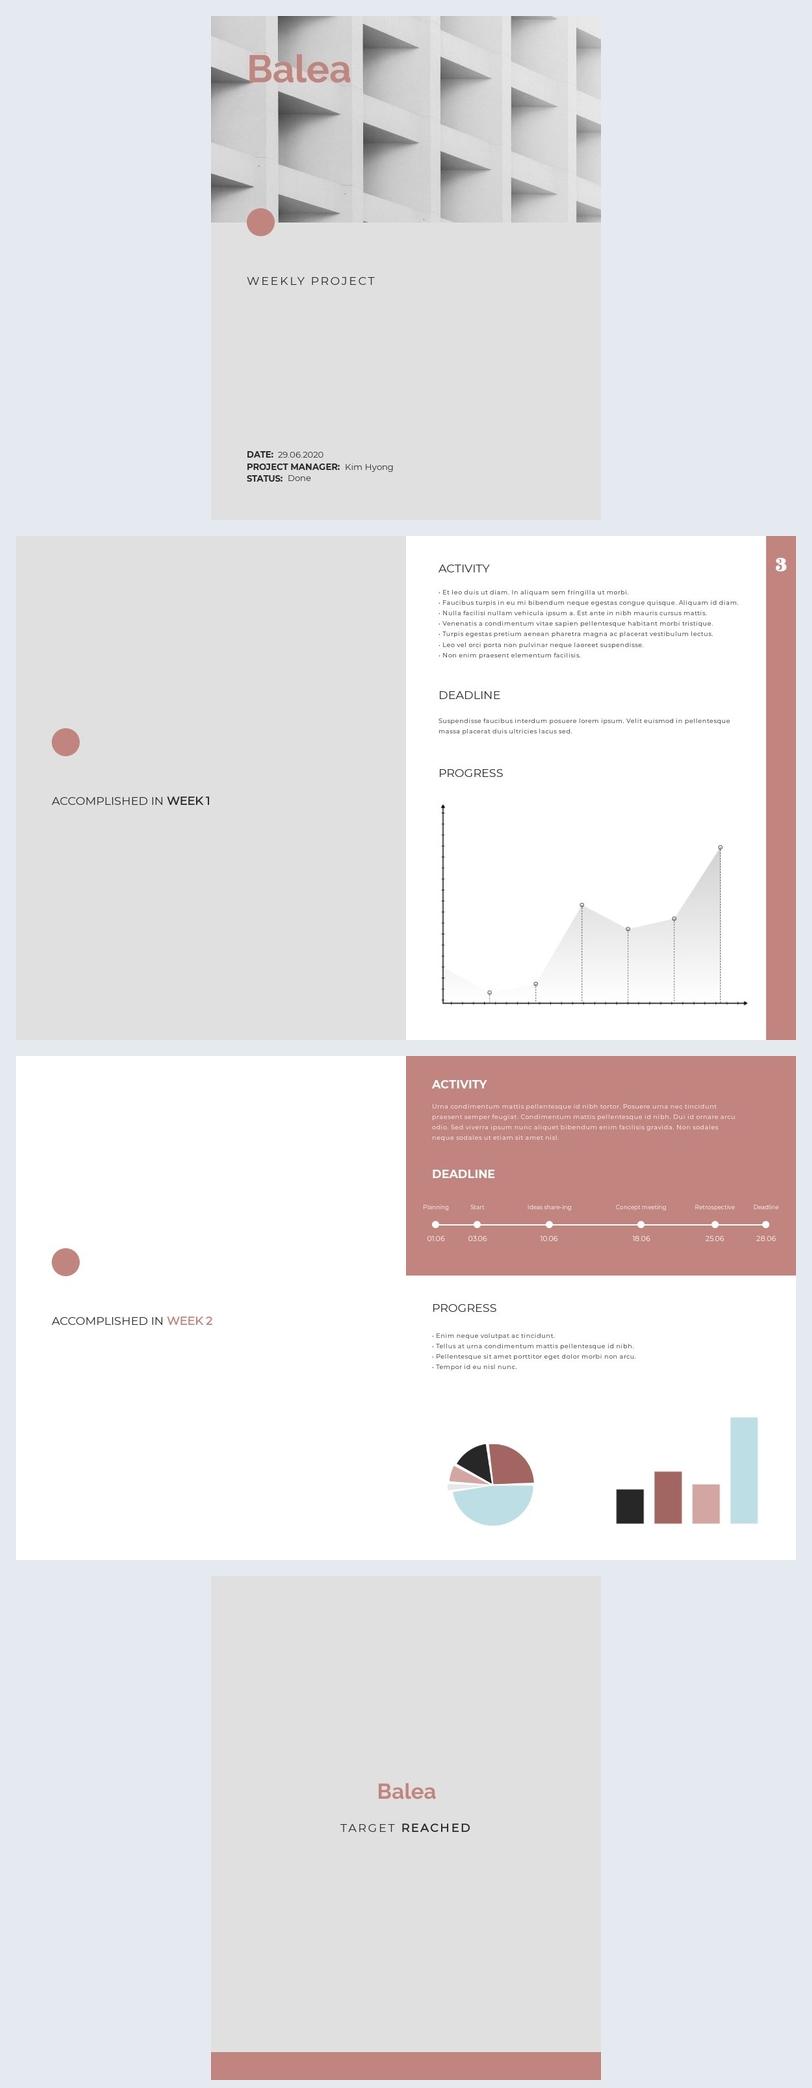 Modelo de Relatório Moderno Sobre o Status do Projeto Semanal